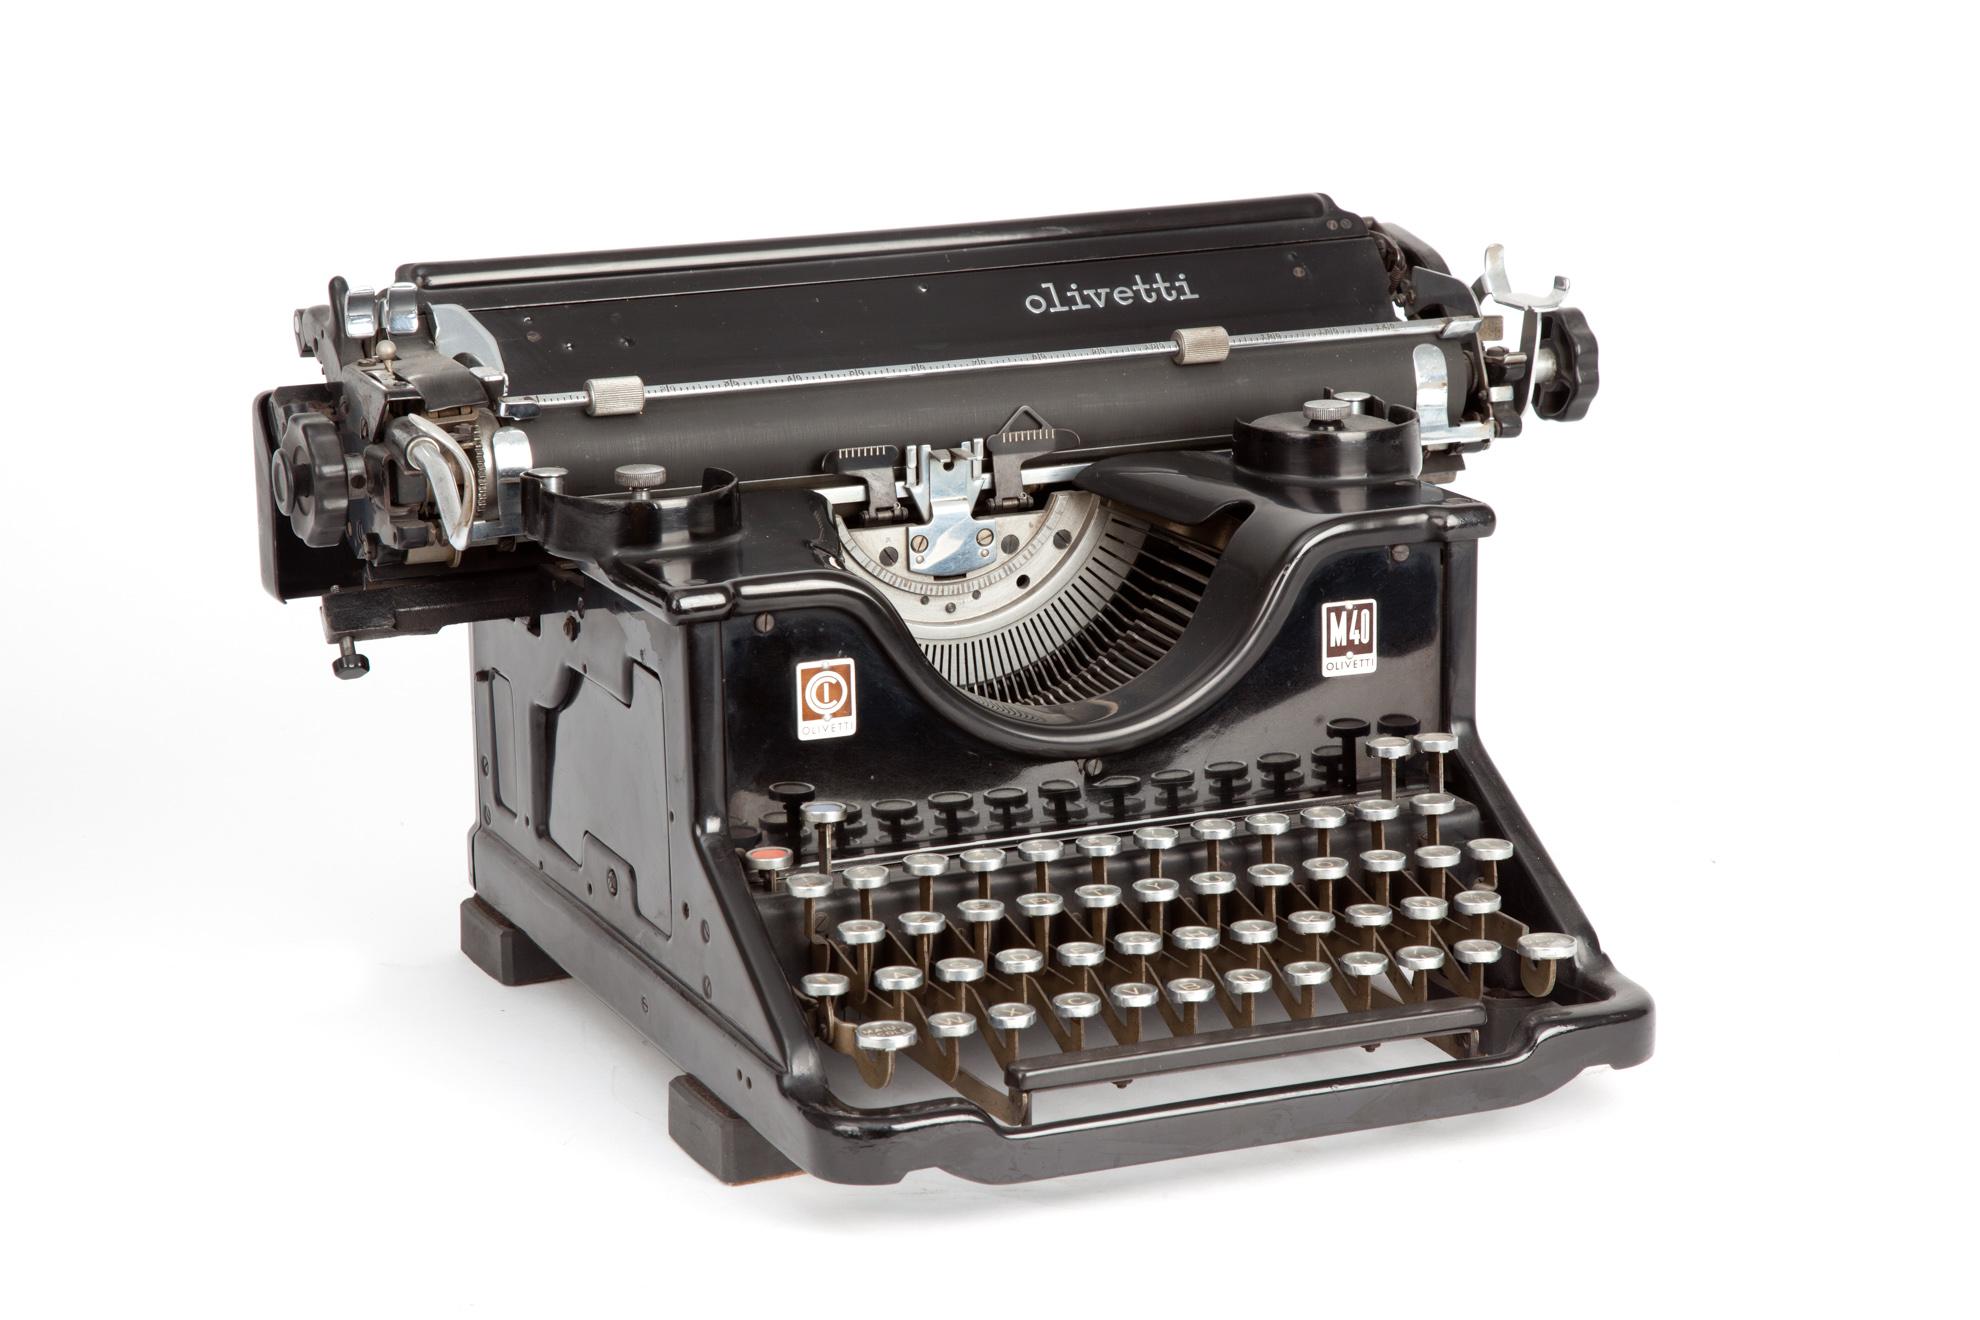 Nastro macchina da scrivere | Acquisti Online su eBay